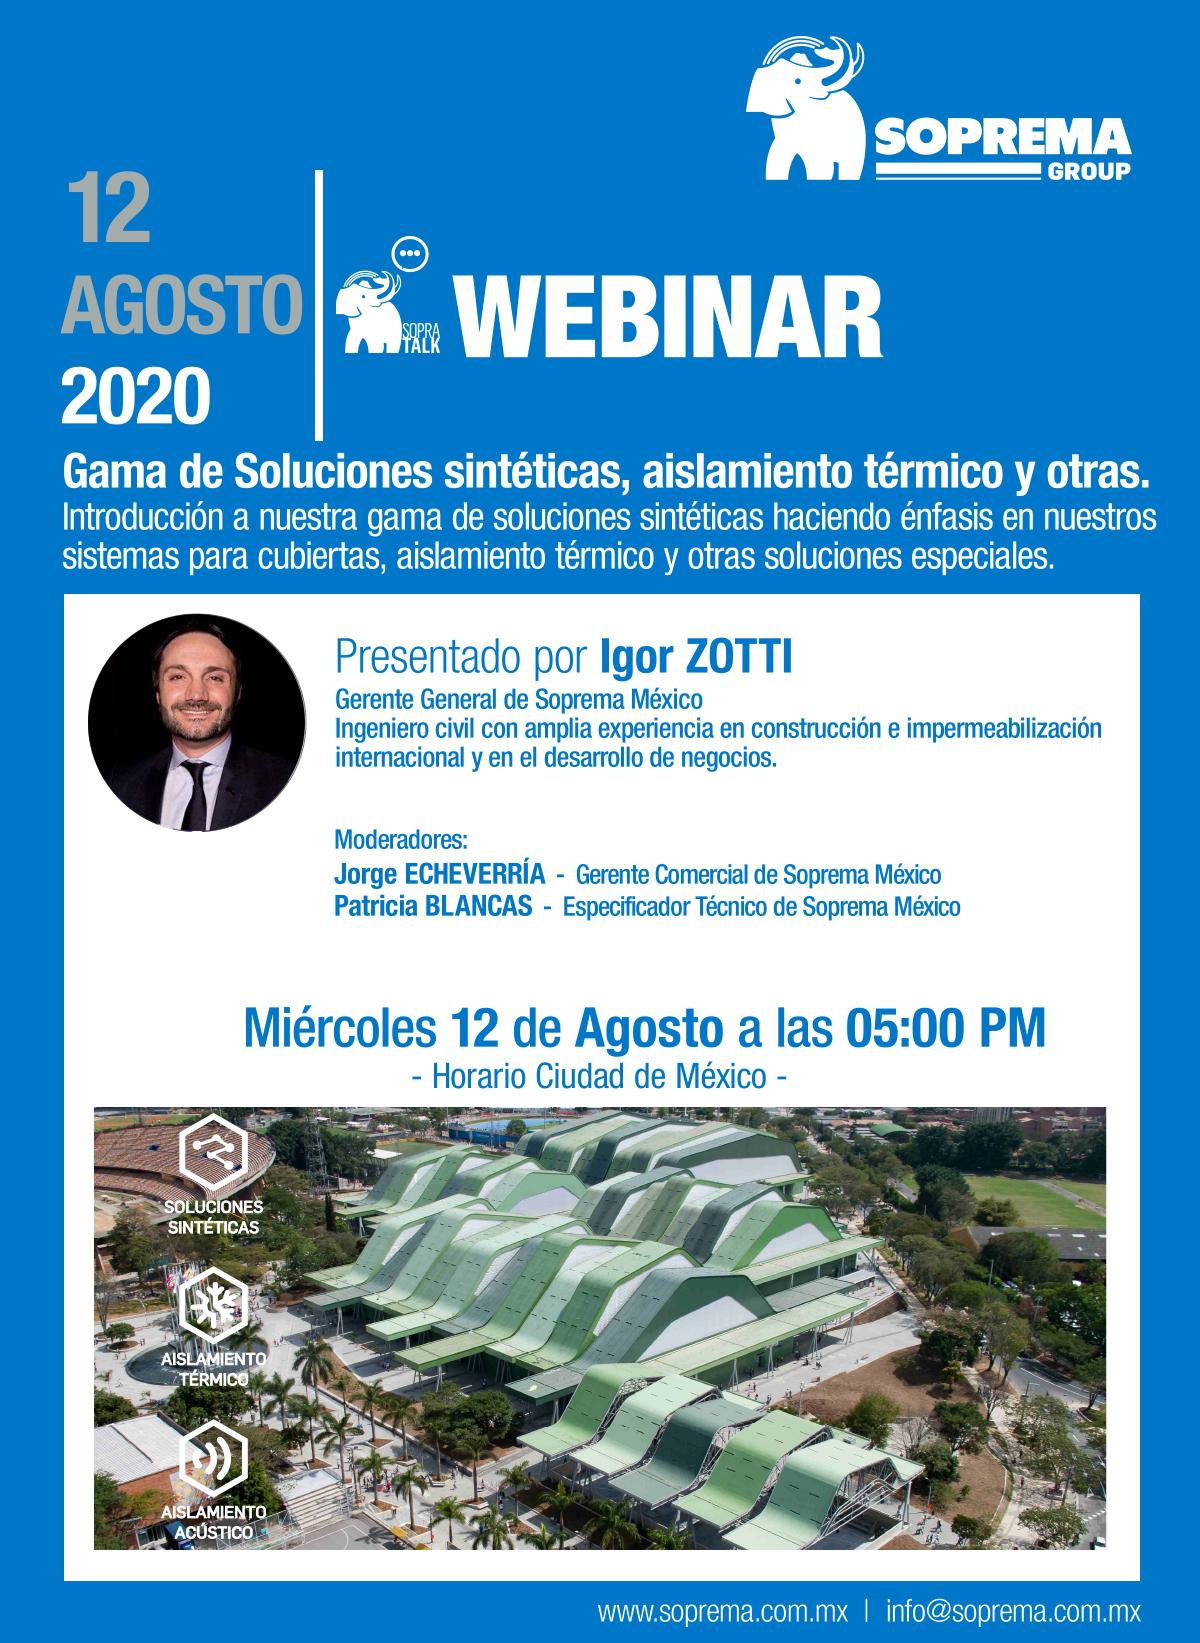 Gama de Soluciones sintéticas, aislamientos y otras SOPREMA México